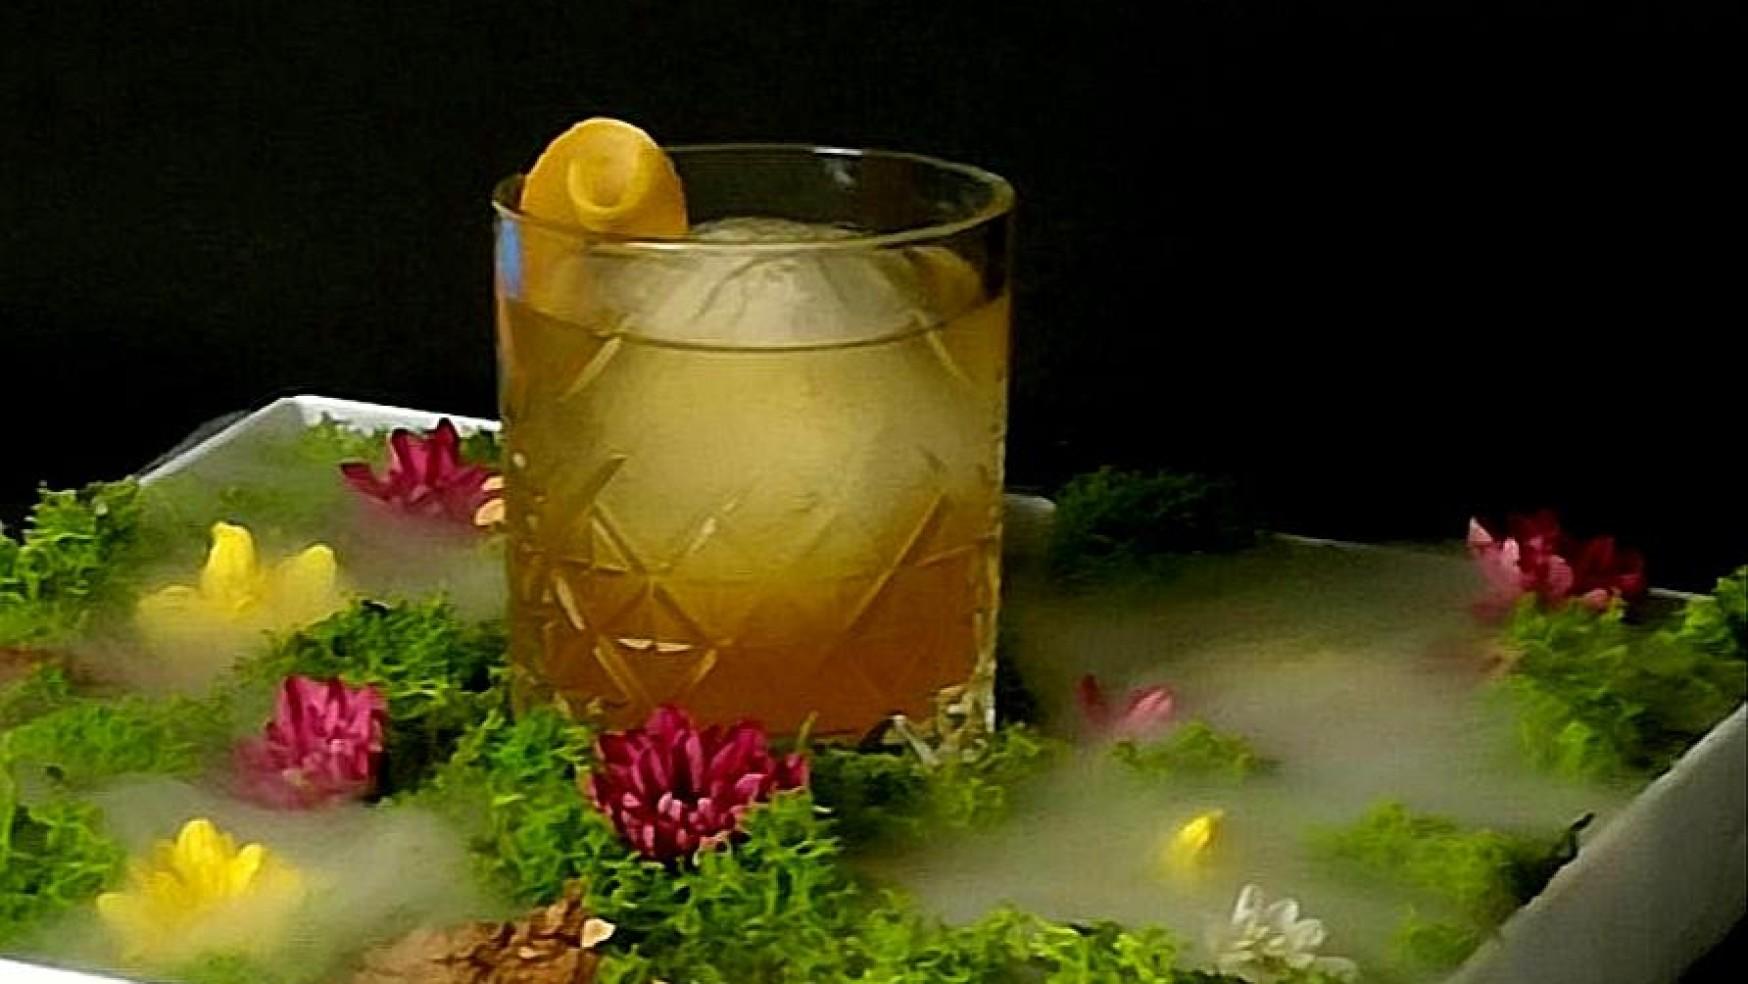 Il Ricciardi: il cocktail dedicato al commissario dei romanzi di Maurizio de Giovanni